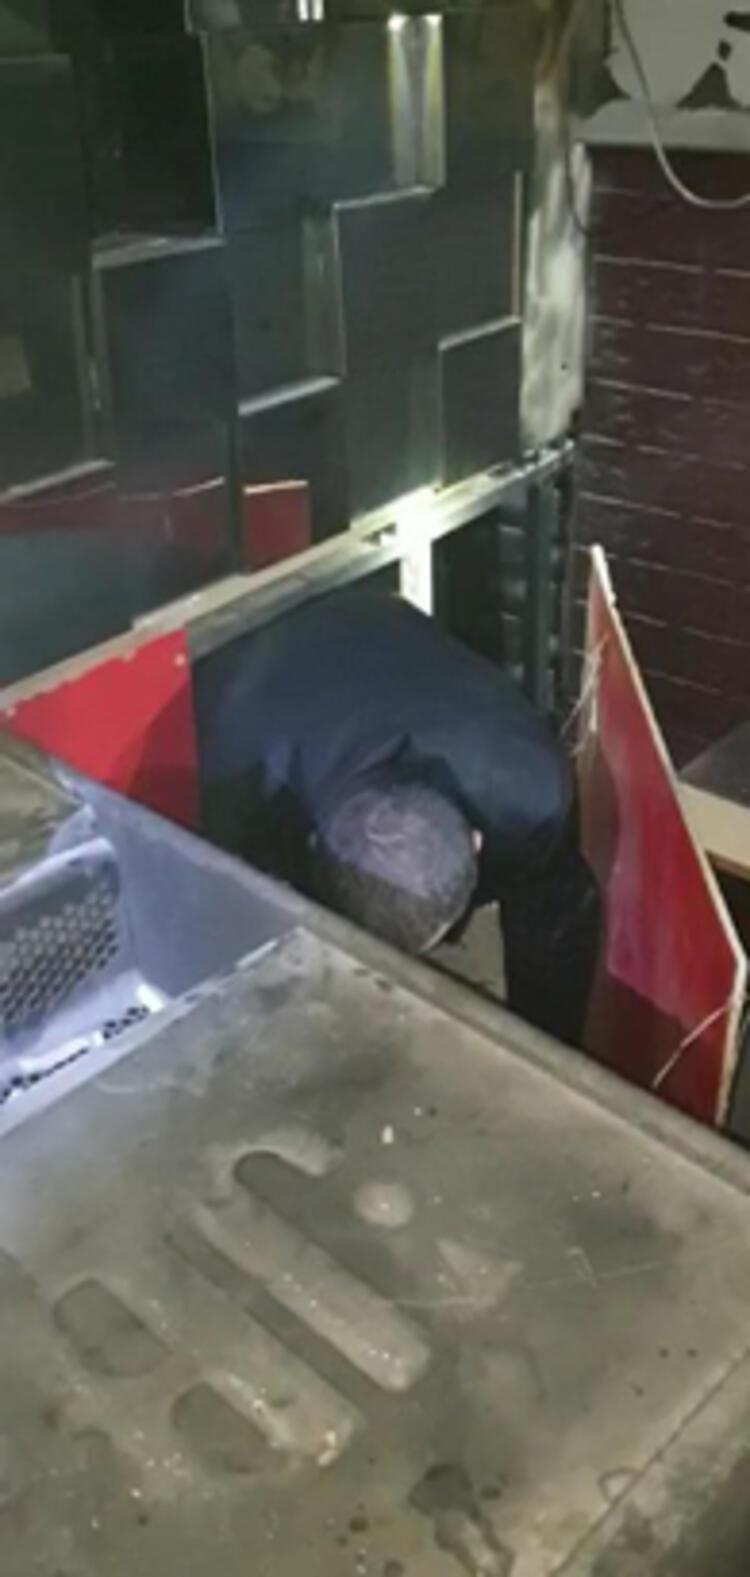 Şok baskın: 3 erkek kadınlar tuvaletinde yakalandı - Resim: 2